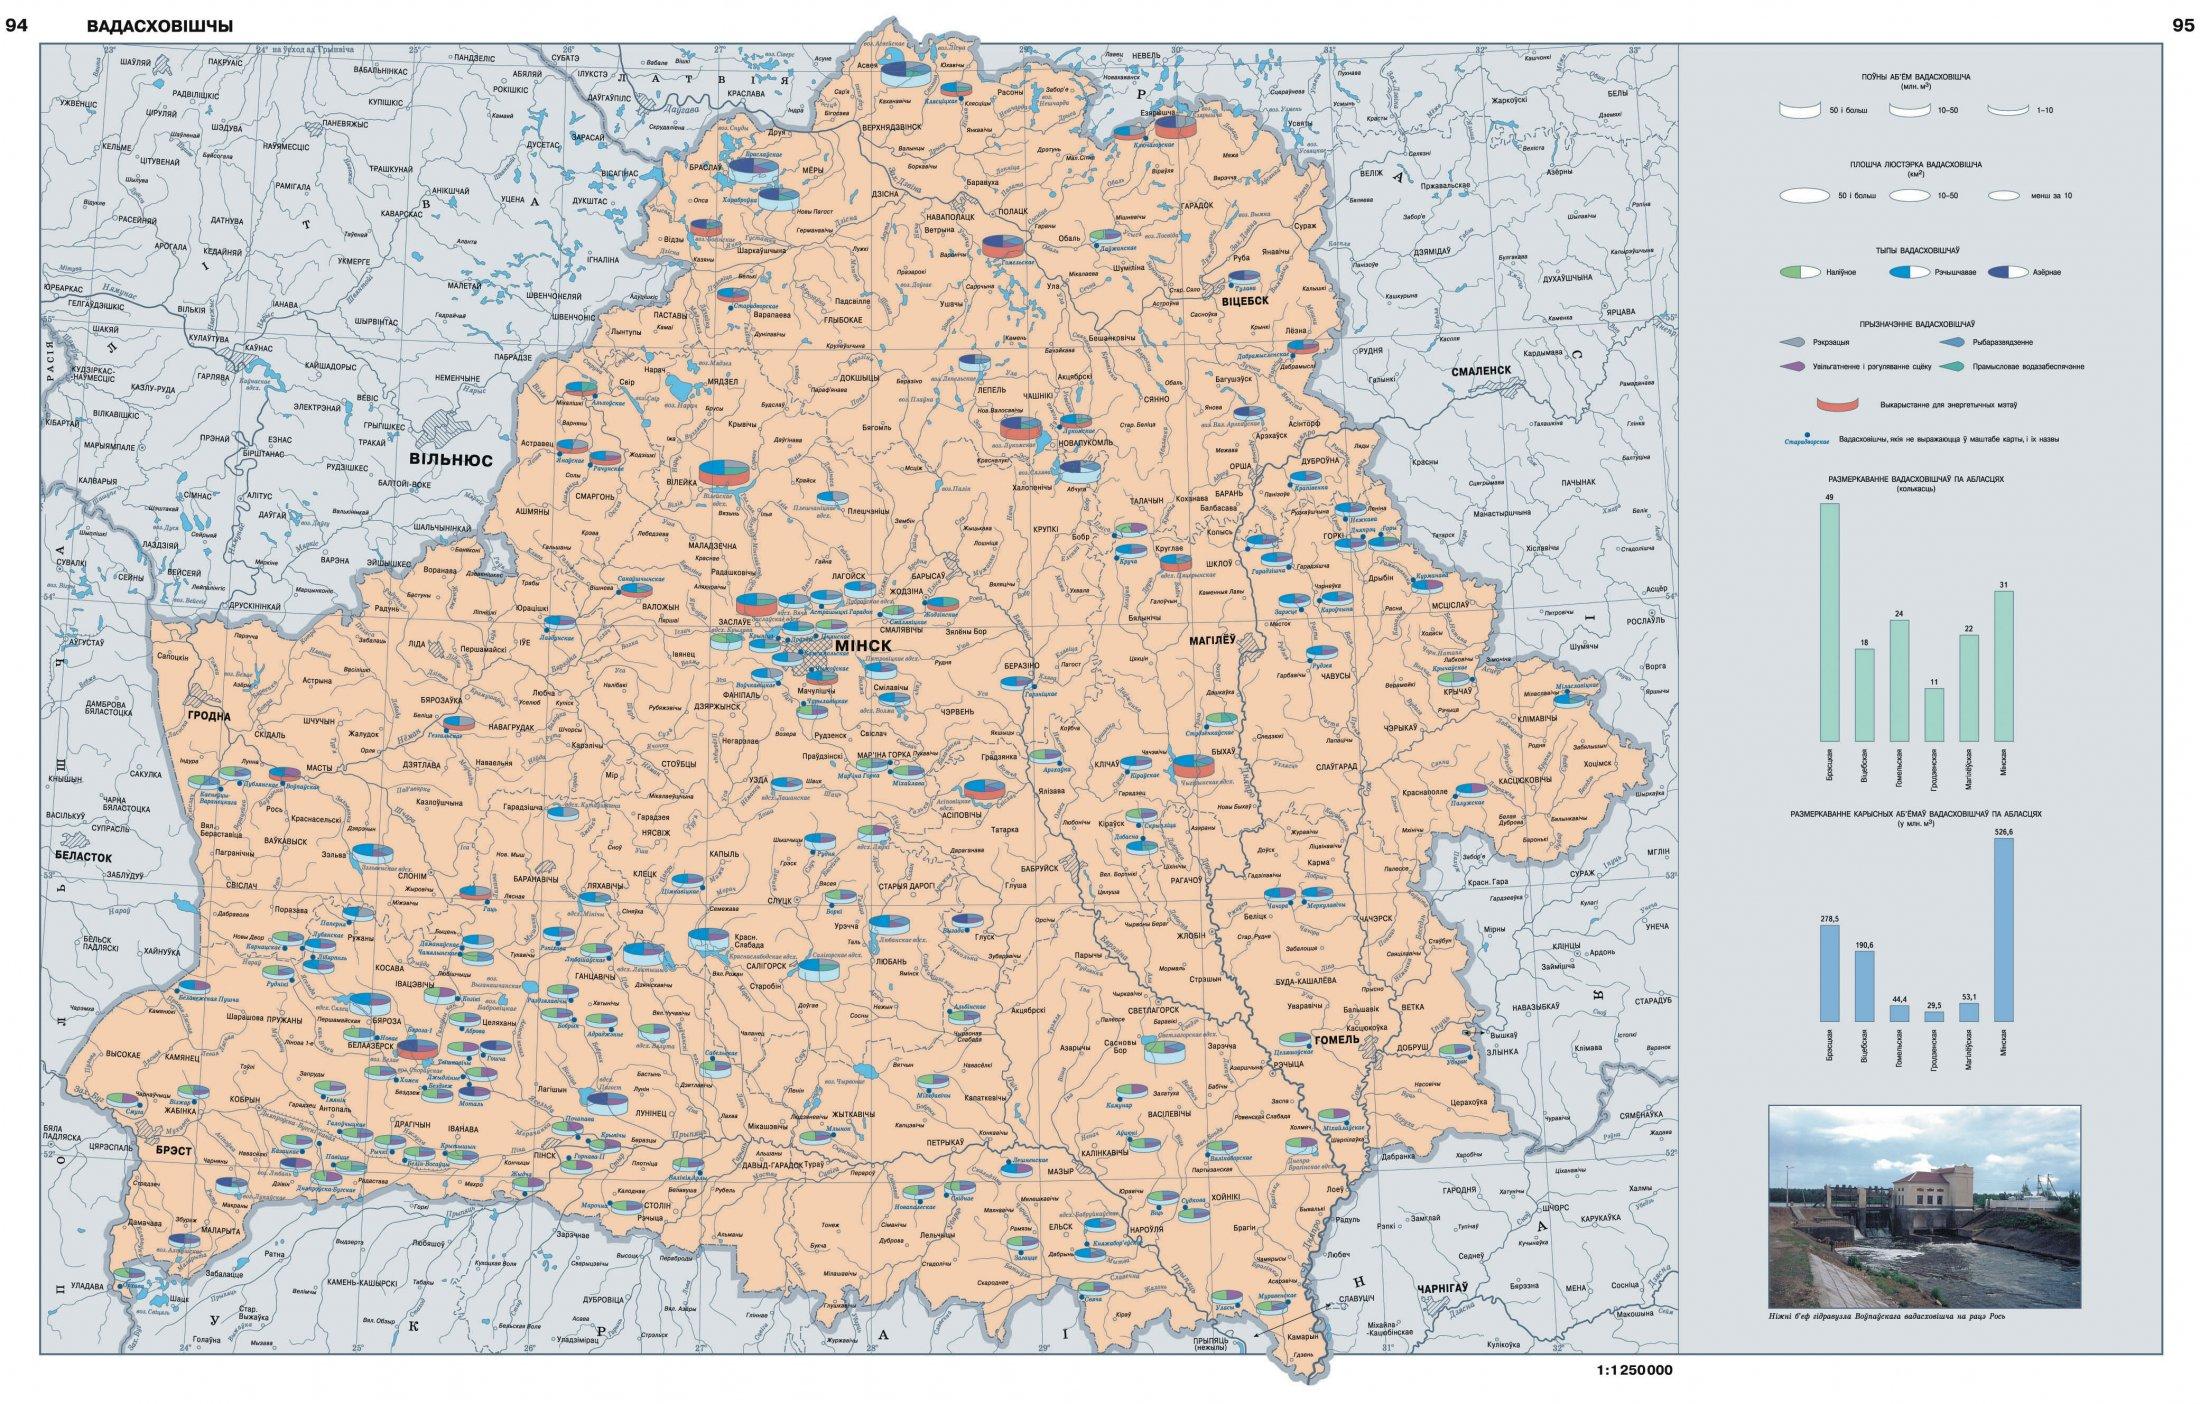 Карта водохранилищ Беларуси, нац атлас РБ